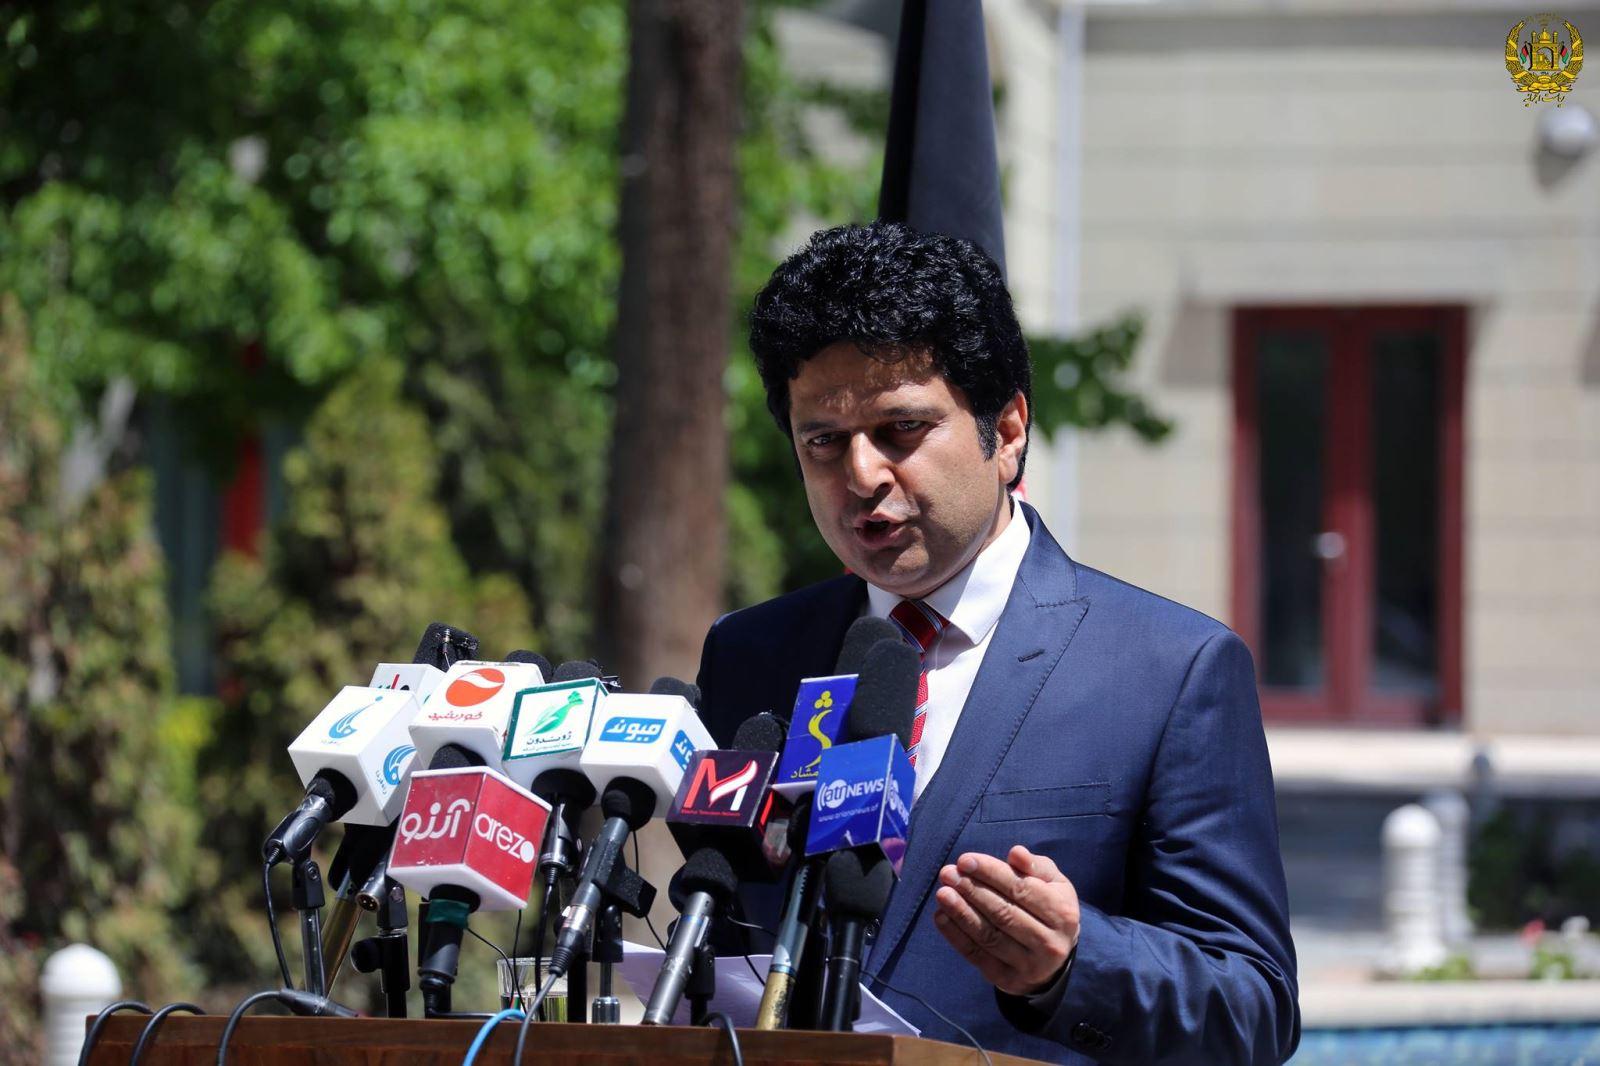 دکتر مجیب الرحمن رحیمی: برای رسیدن به نظام مردمسالار باید از مسیر انتخابات بگذریم